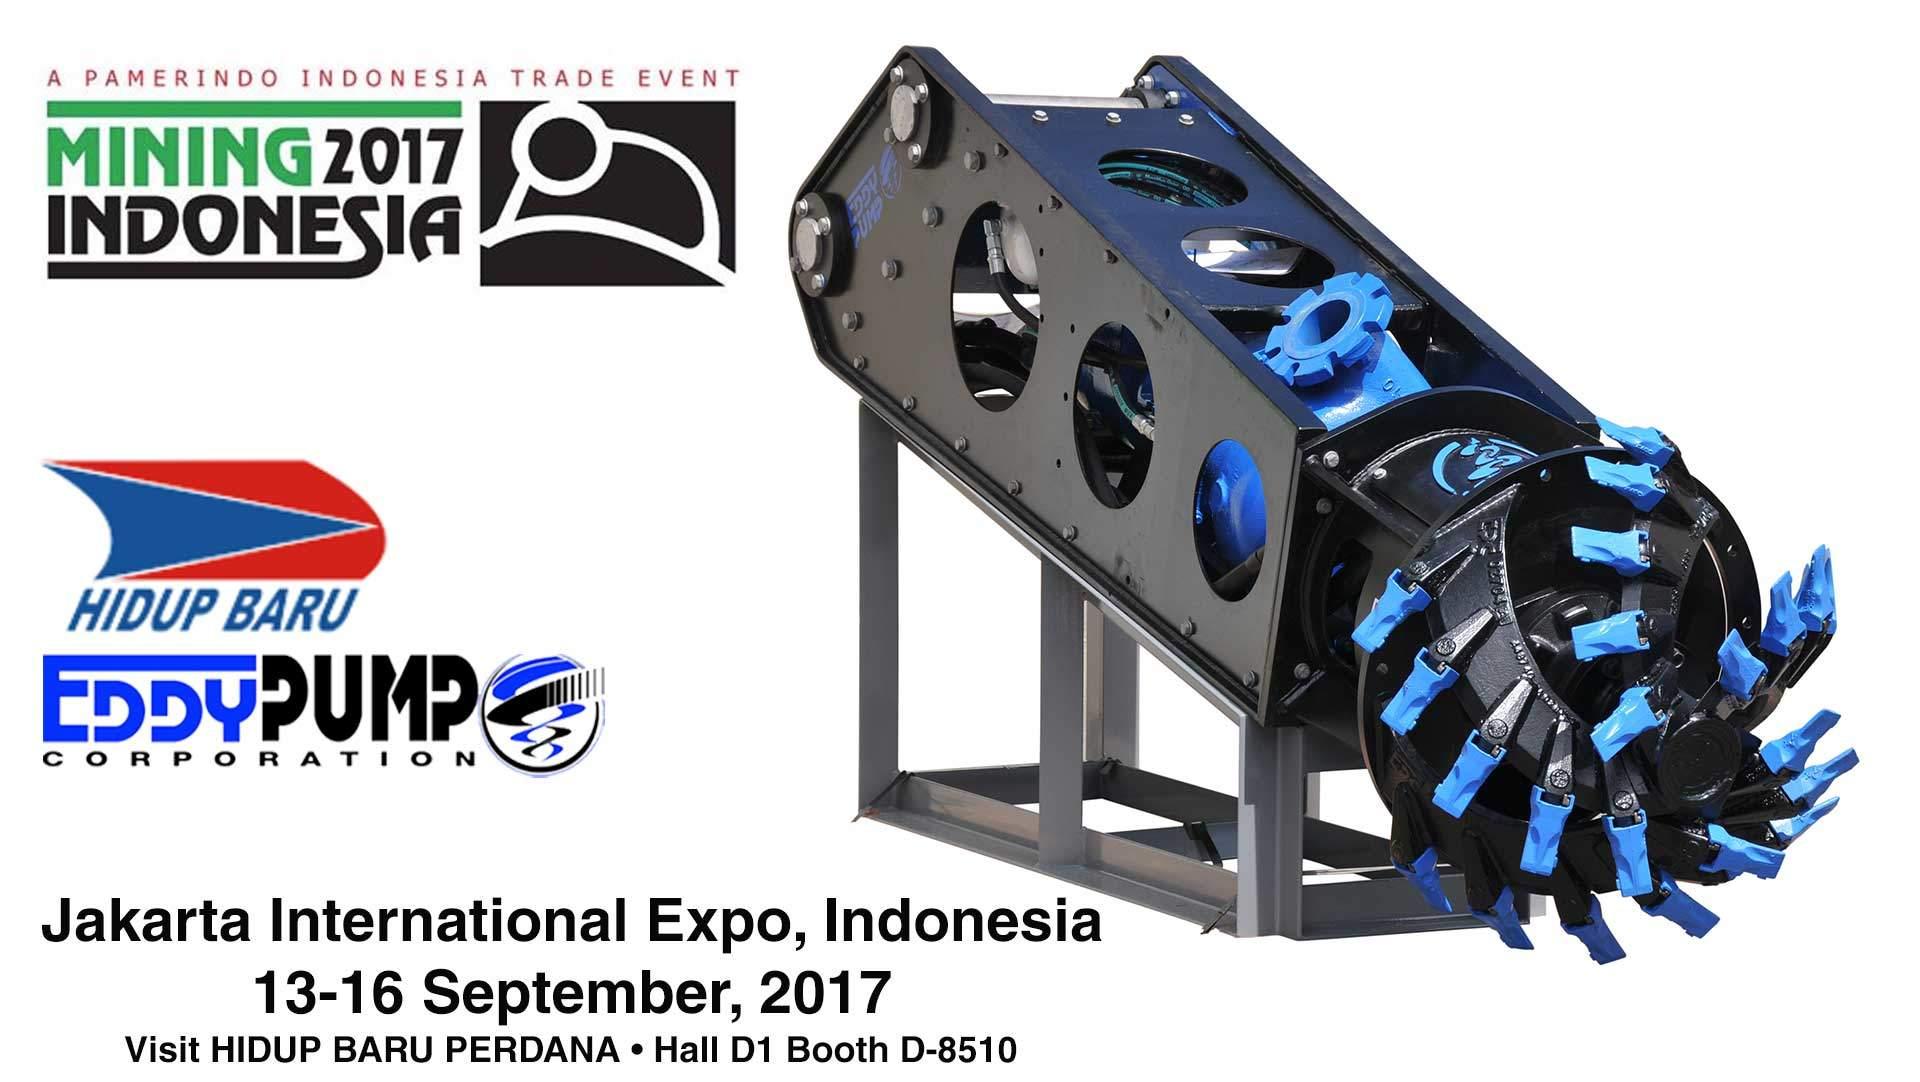 conexpo-2017-eddy-pump-subdredge